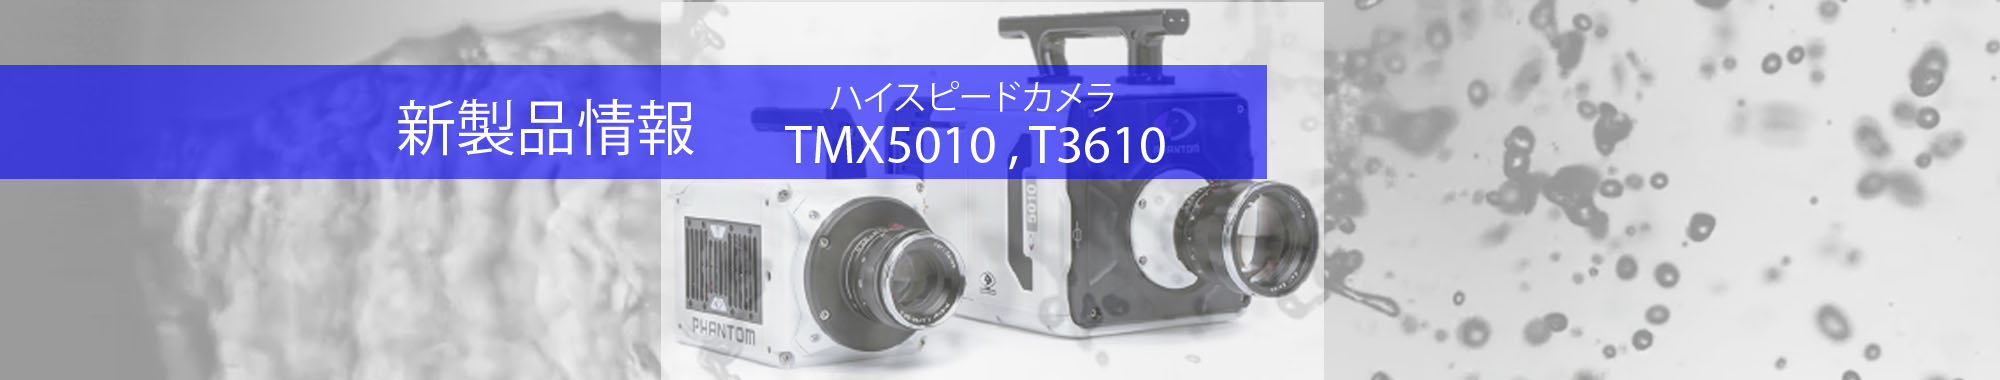 """ハイスピードカメラ新製品情報-Vision Research """"Phantom T3610 TMX5010 """"発売開始"""